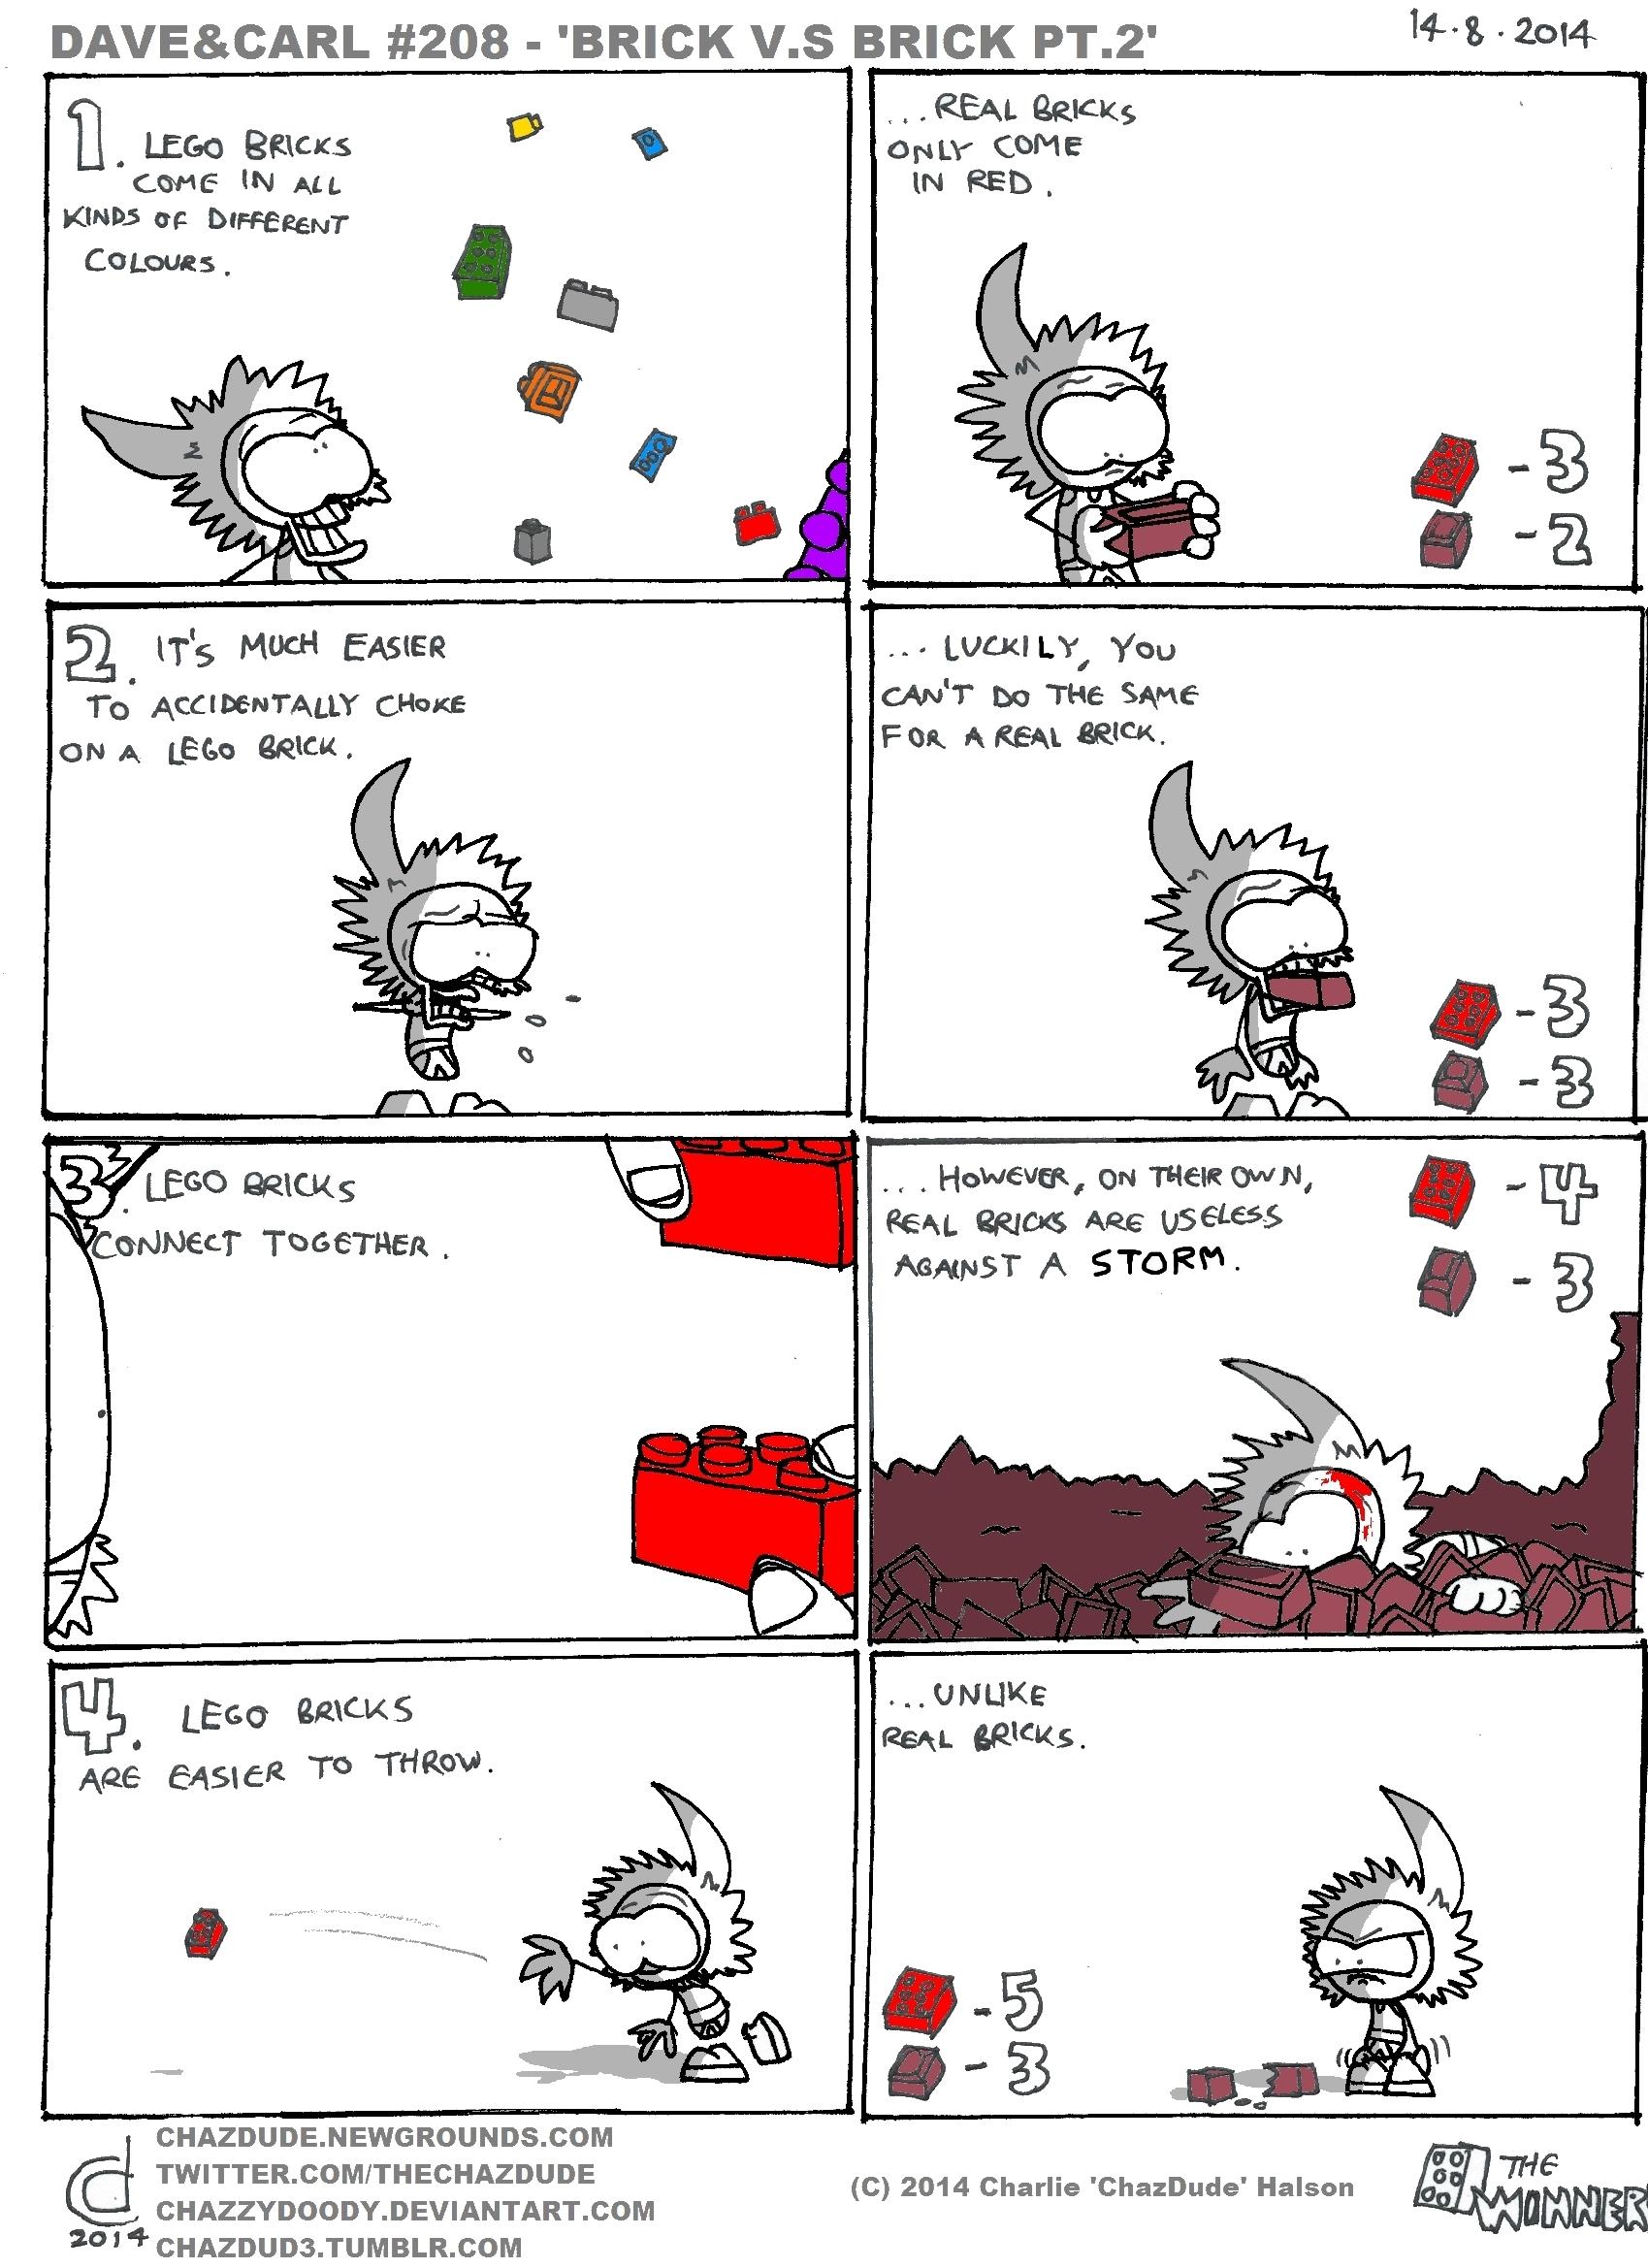 Brick v.s Brick Pt.2